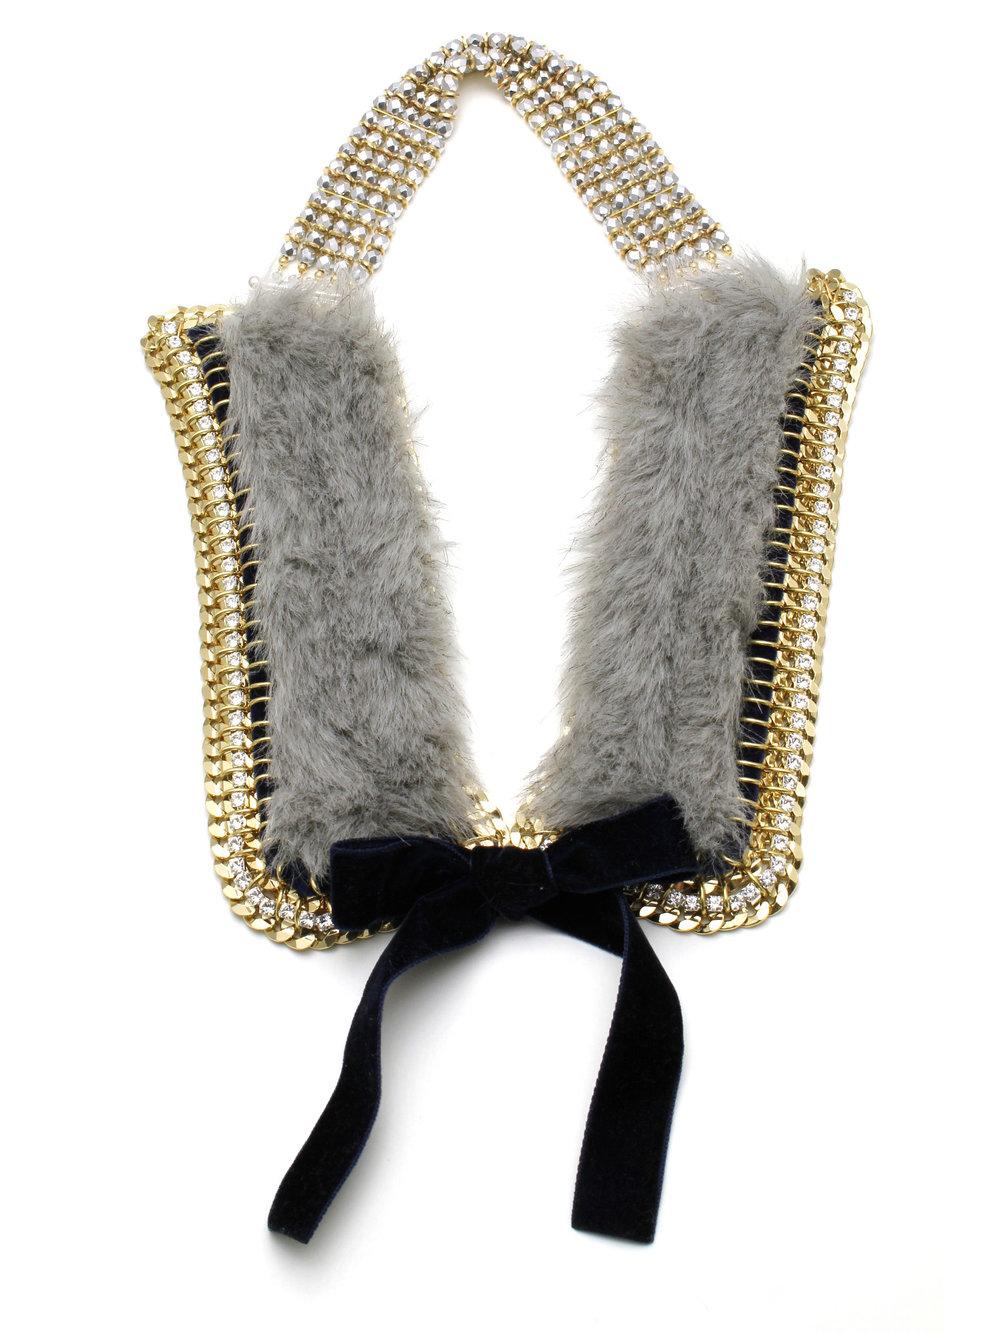 041 - Fur & Crystal Collar.jpg